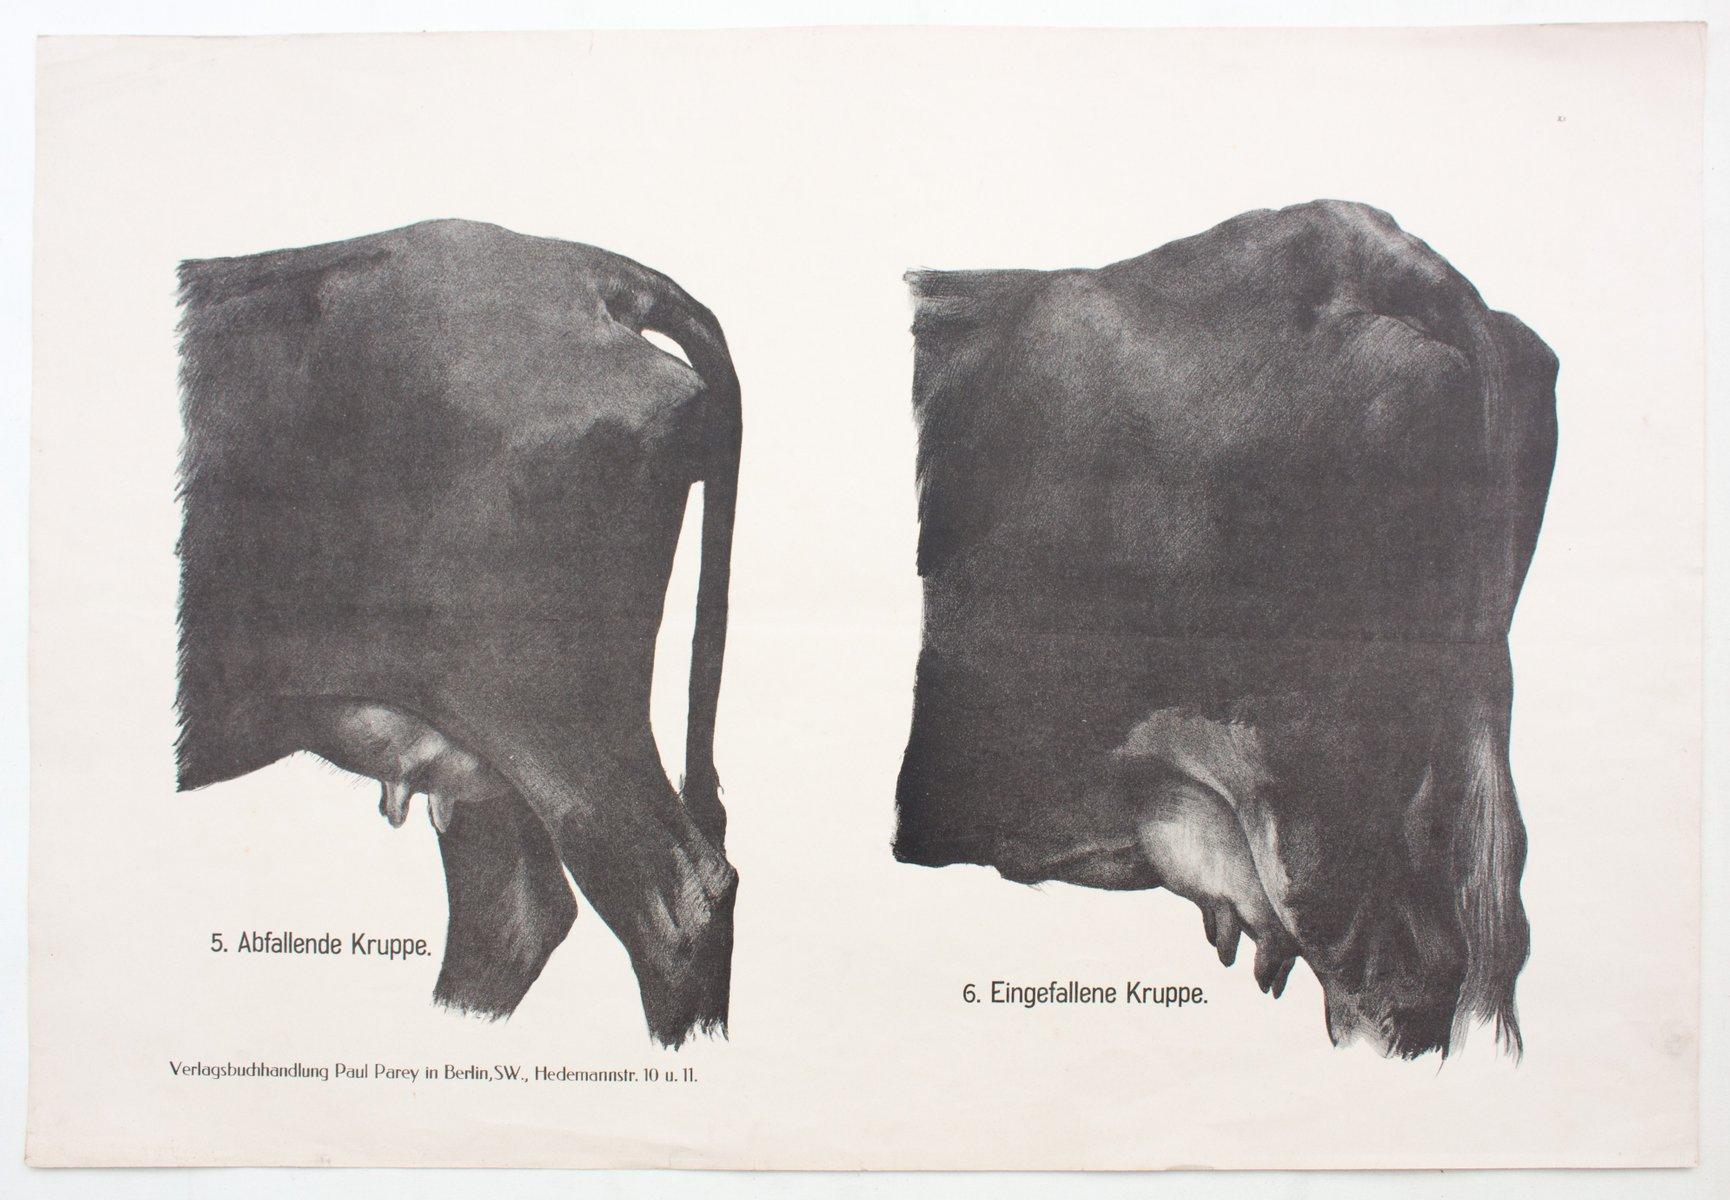 Berühmt Papiere Anatomie Und Physiologie Frage Fotos - Menschliche ...